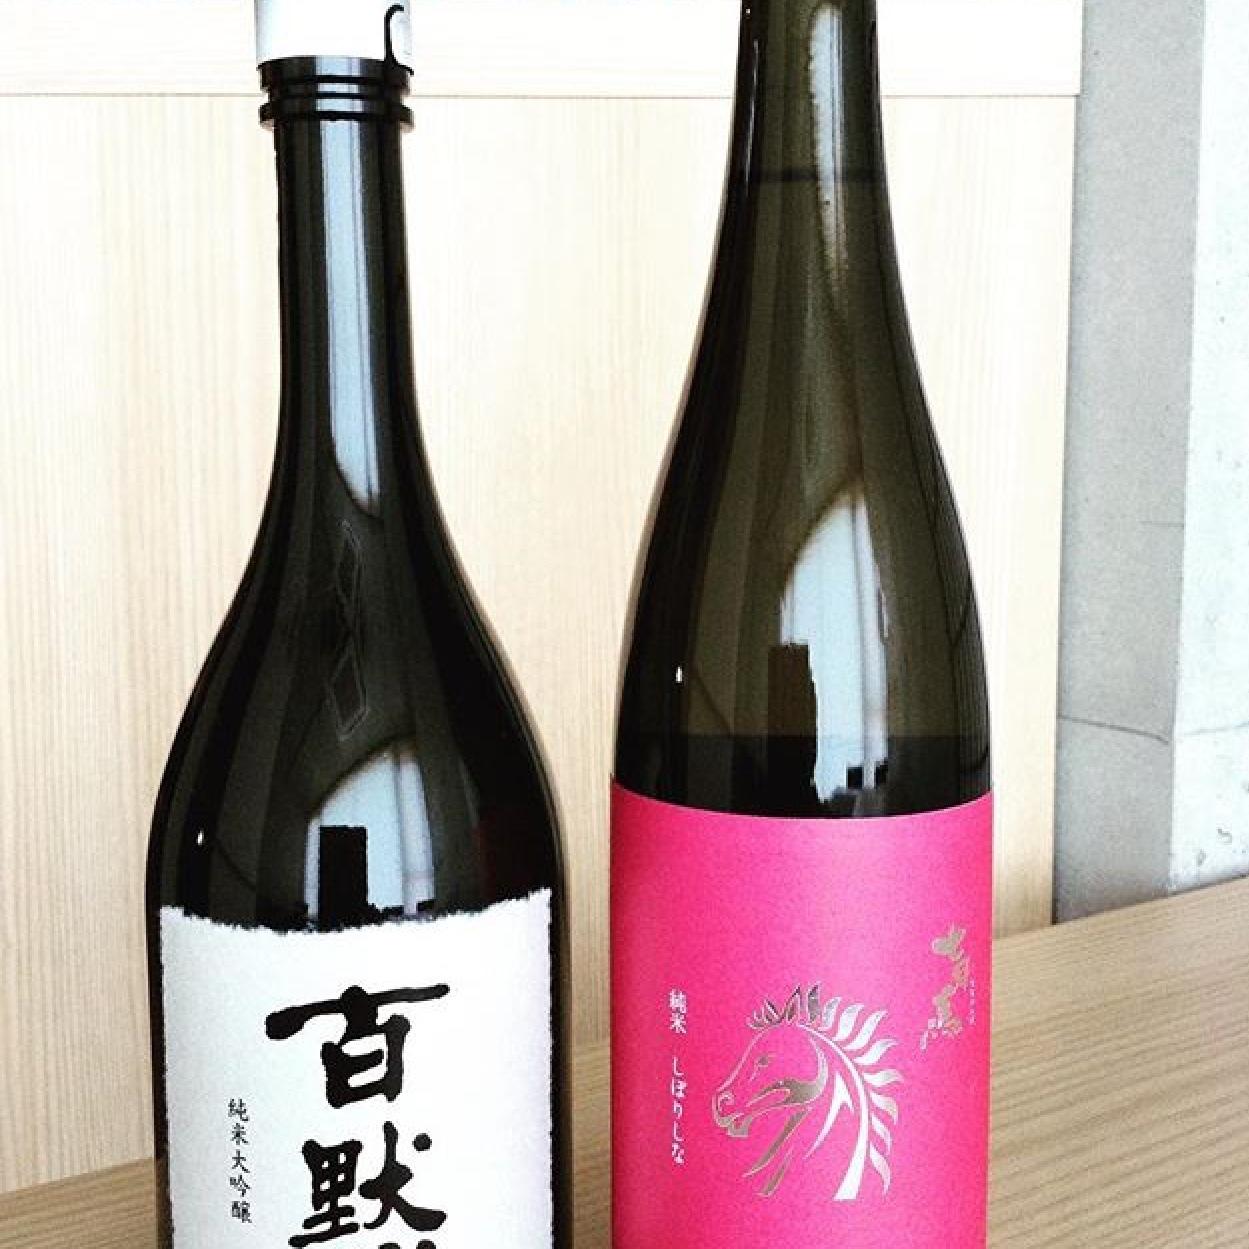 日本酒_b0290049_22560635.jpeg